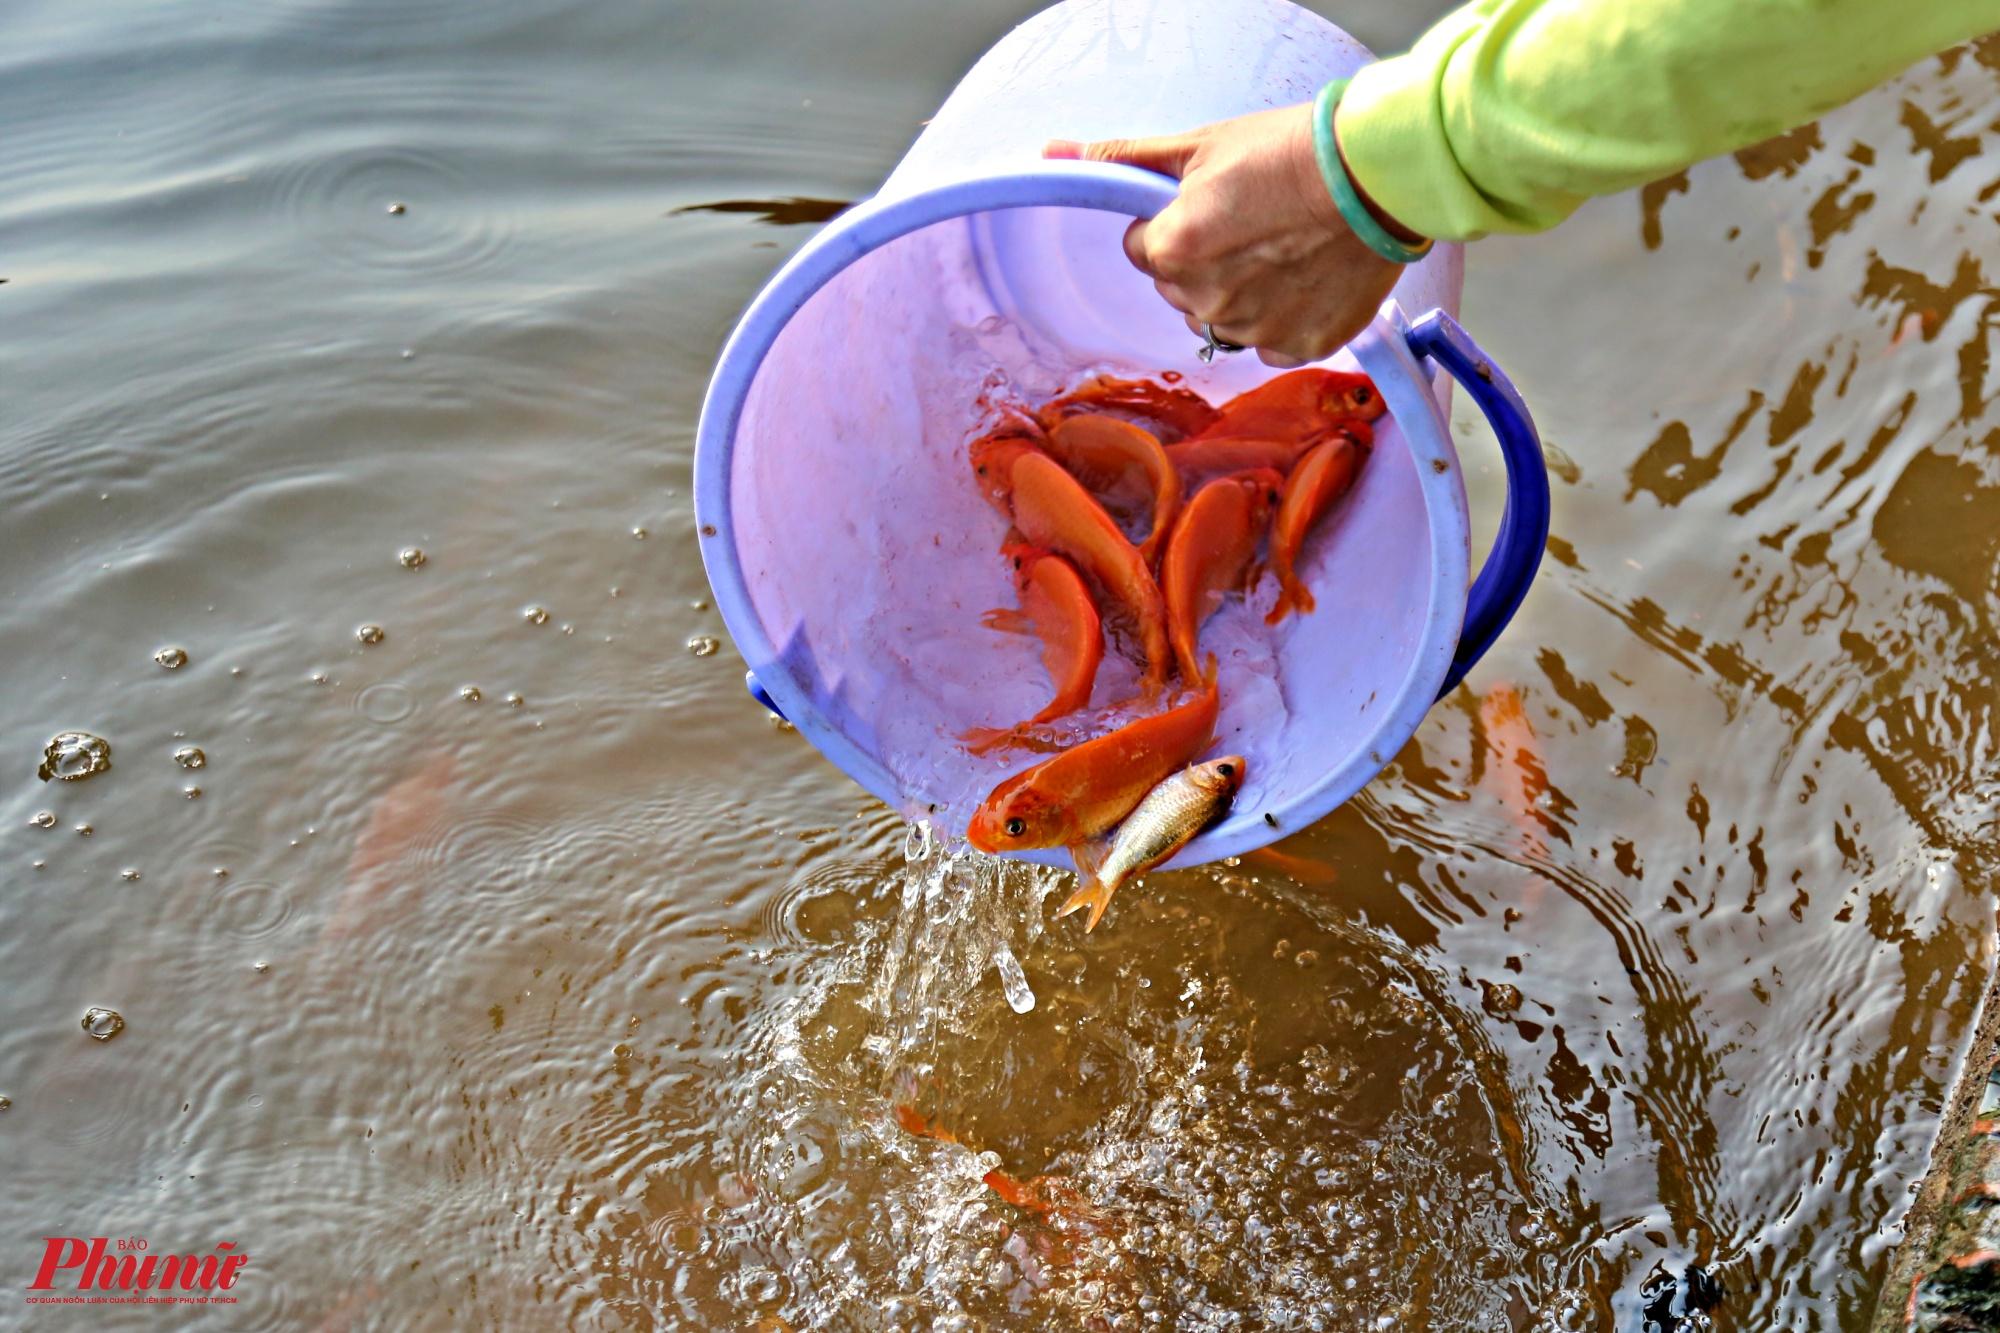 Nhiều người sau khi phóng sinh phải tìm cách đẩy cá bơi để tránh bị bắt